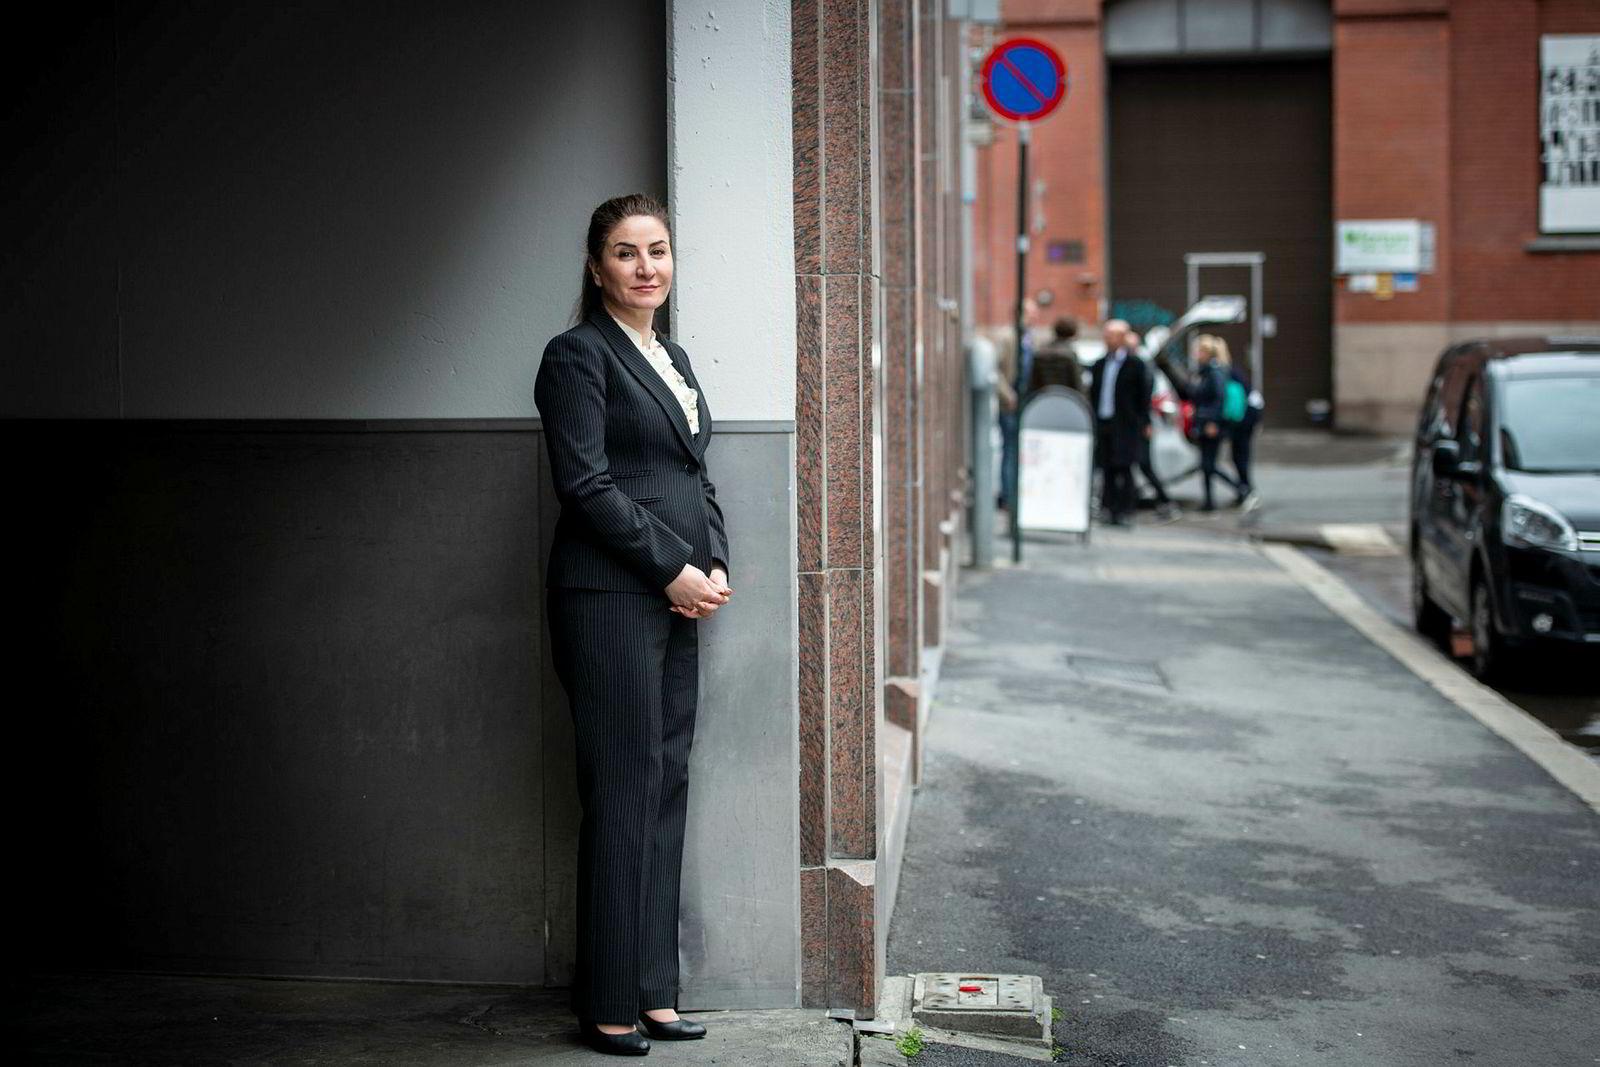 Parlamentariker Vian Dakhil fra Irak er denne uken i Oslo for blant annet å møte Stortingets religionsfrihetsgruppe.